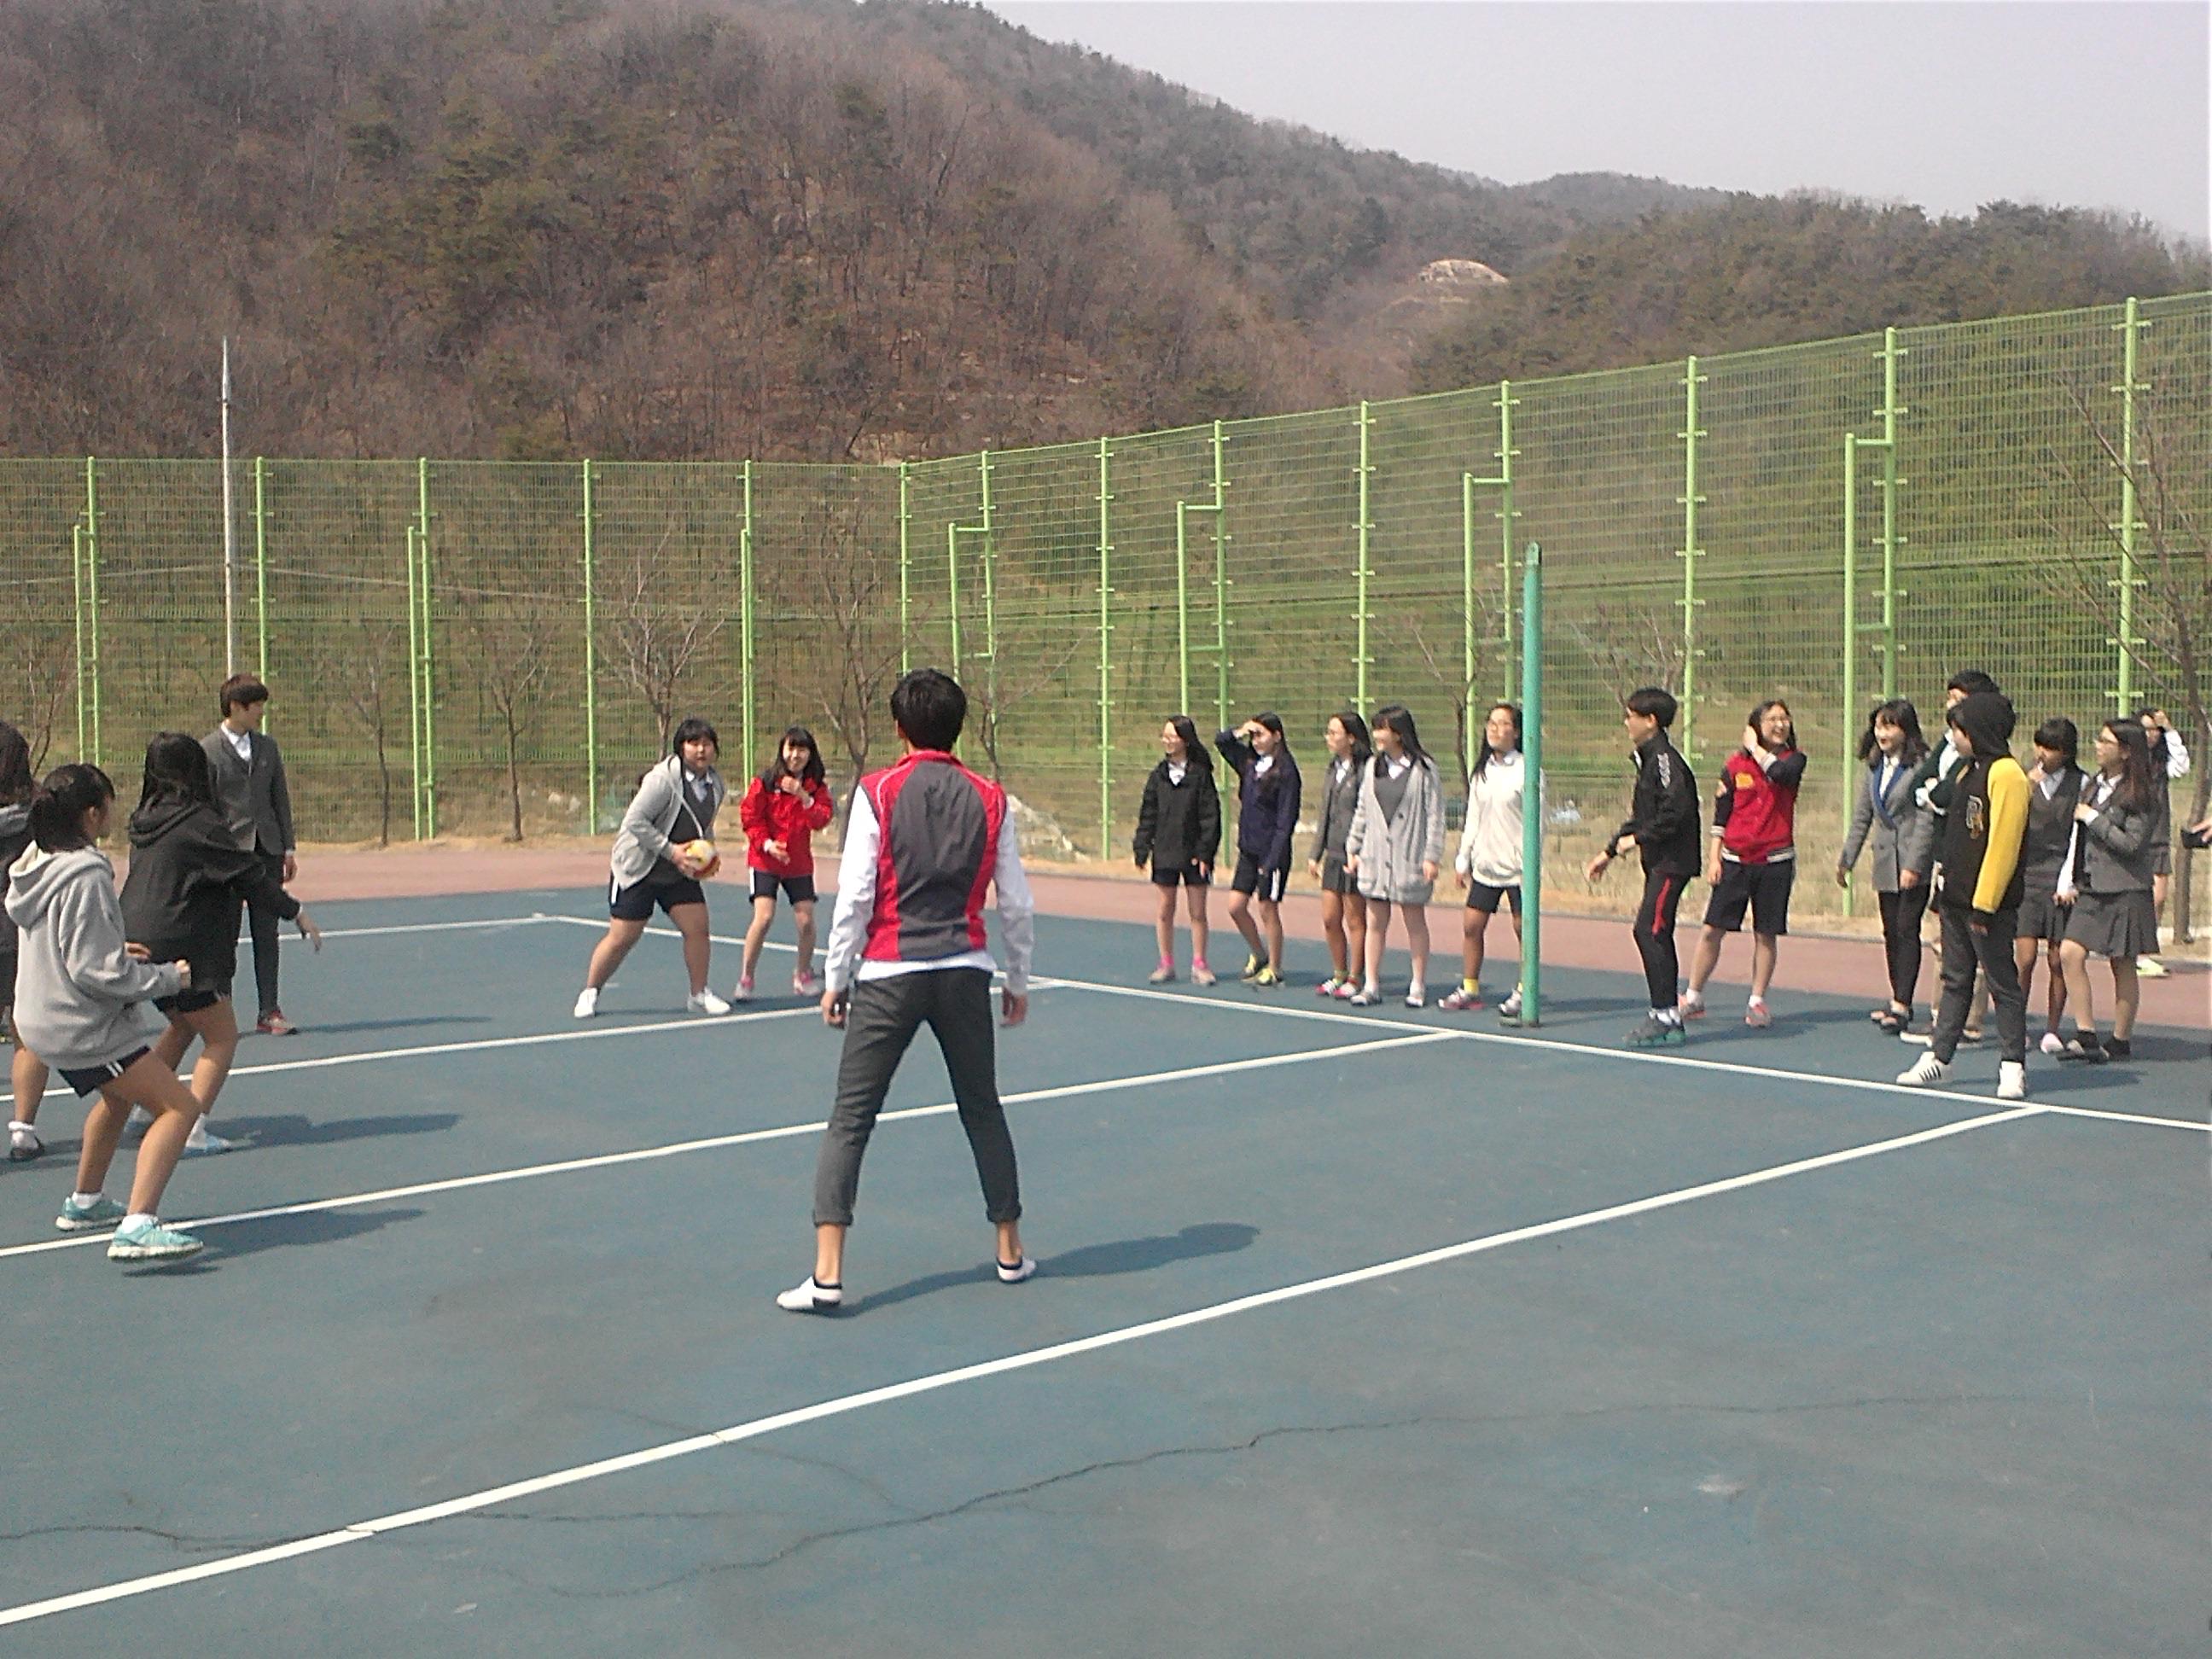 [일반] 배려와 나눔이 있는 2013학교장배 학교스포츠클럽대회의 첨부이미지 10